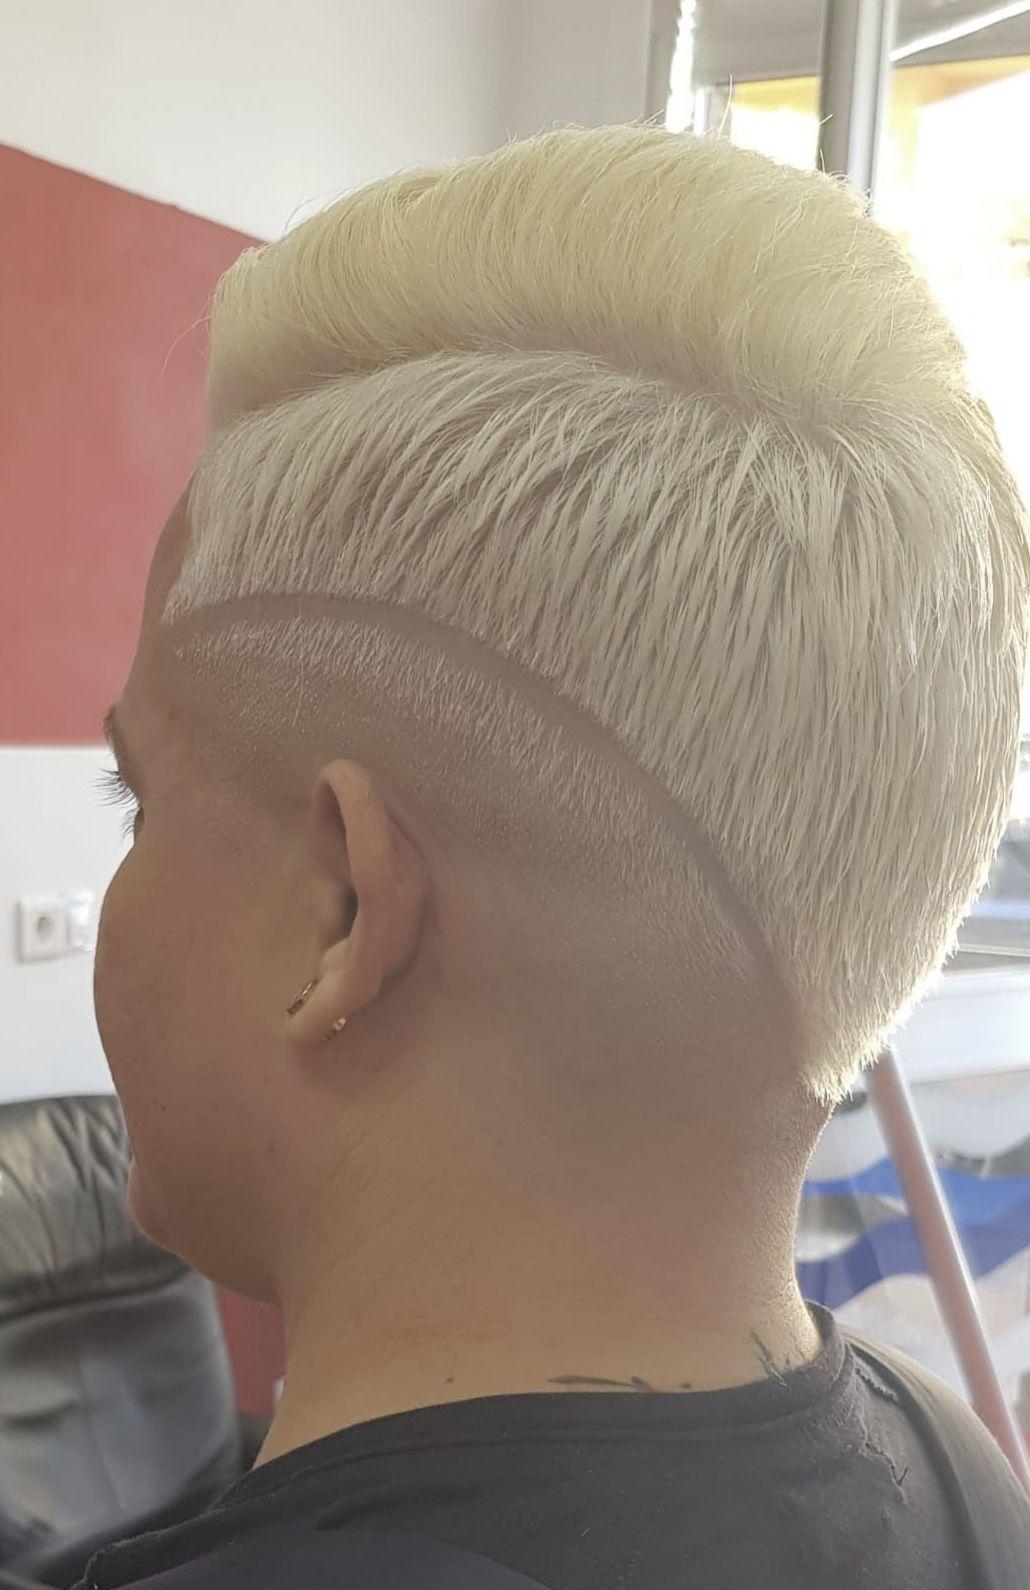 Foto 14 de Peluquería unisex y barbería en  | Janlet Barber Shop Unisex